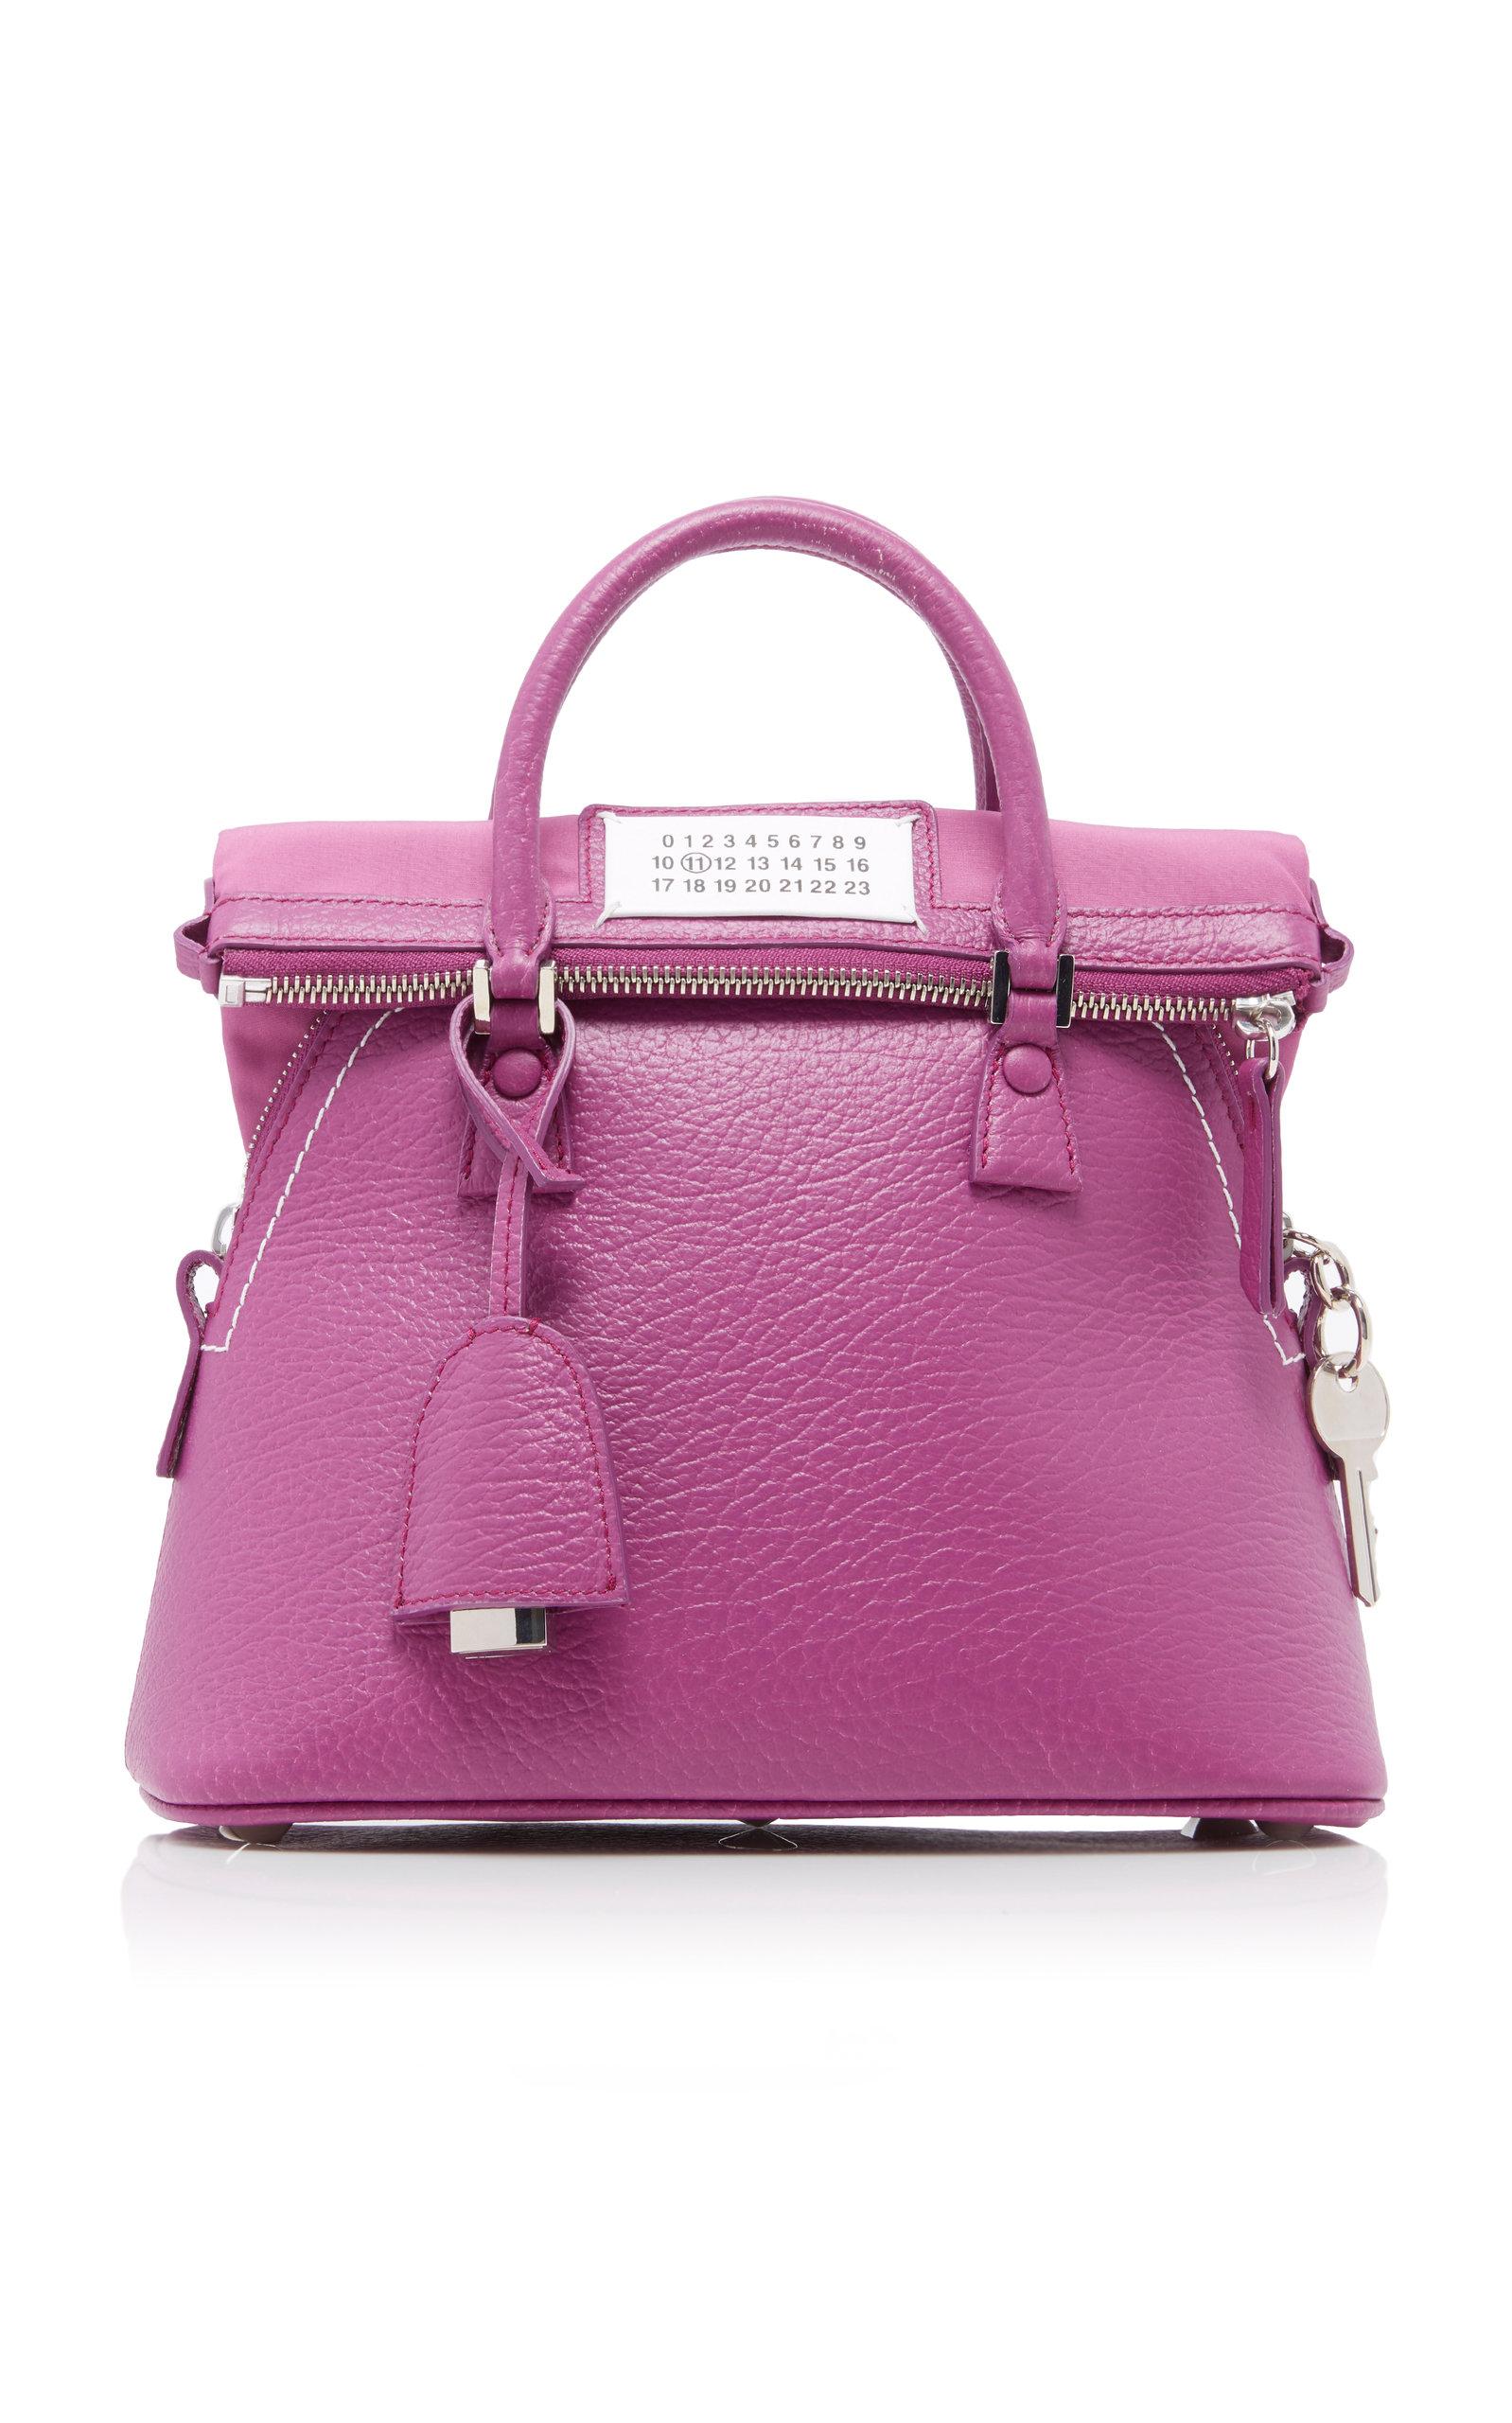 b28864a44c1ec Maison Margiela5AC Mini Leather Bag. CLOSE. Loading